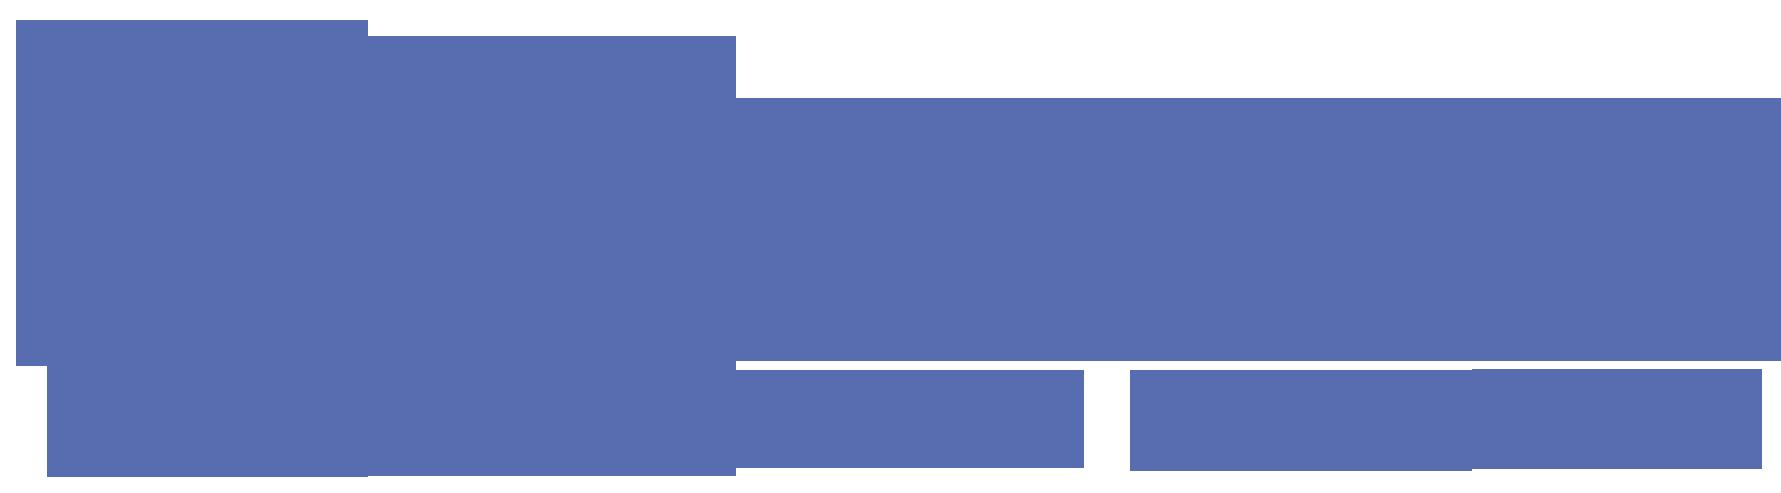 上海悦游网络信息科技股份有限公司